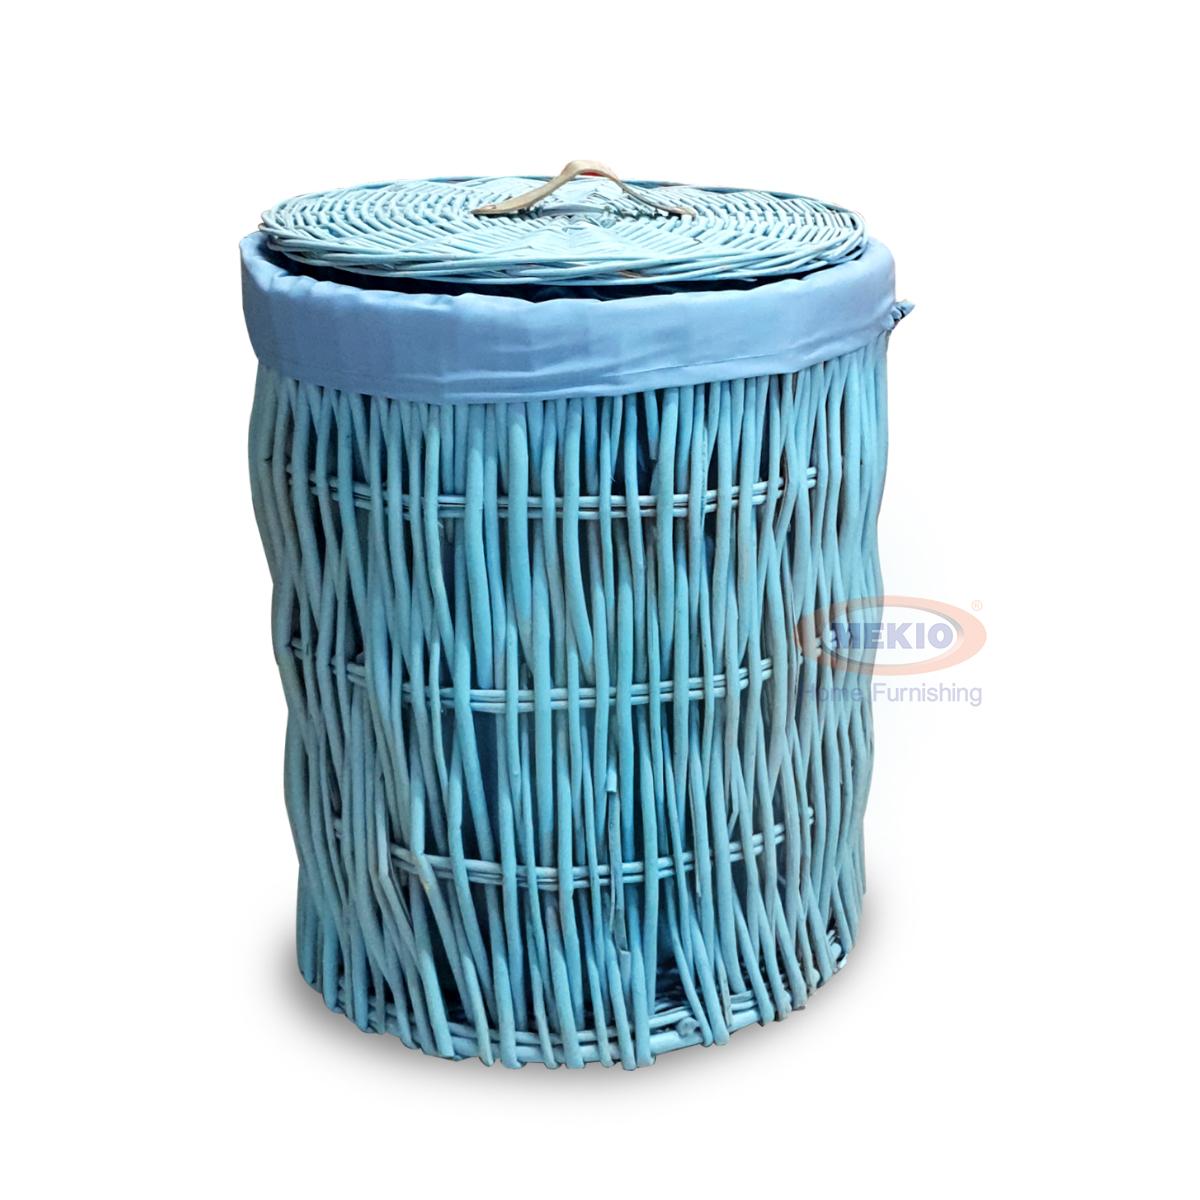 Laundry Basket Round (M)